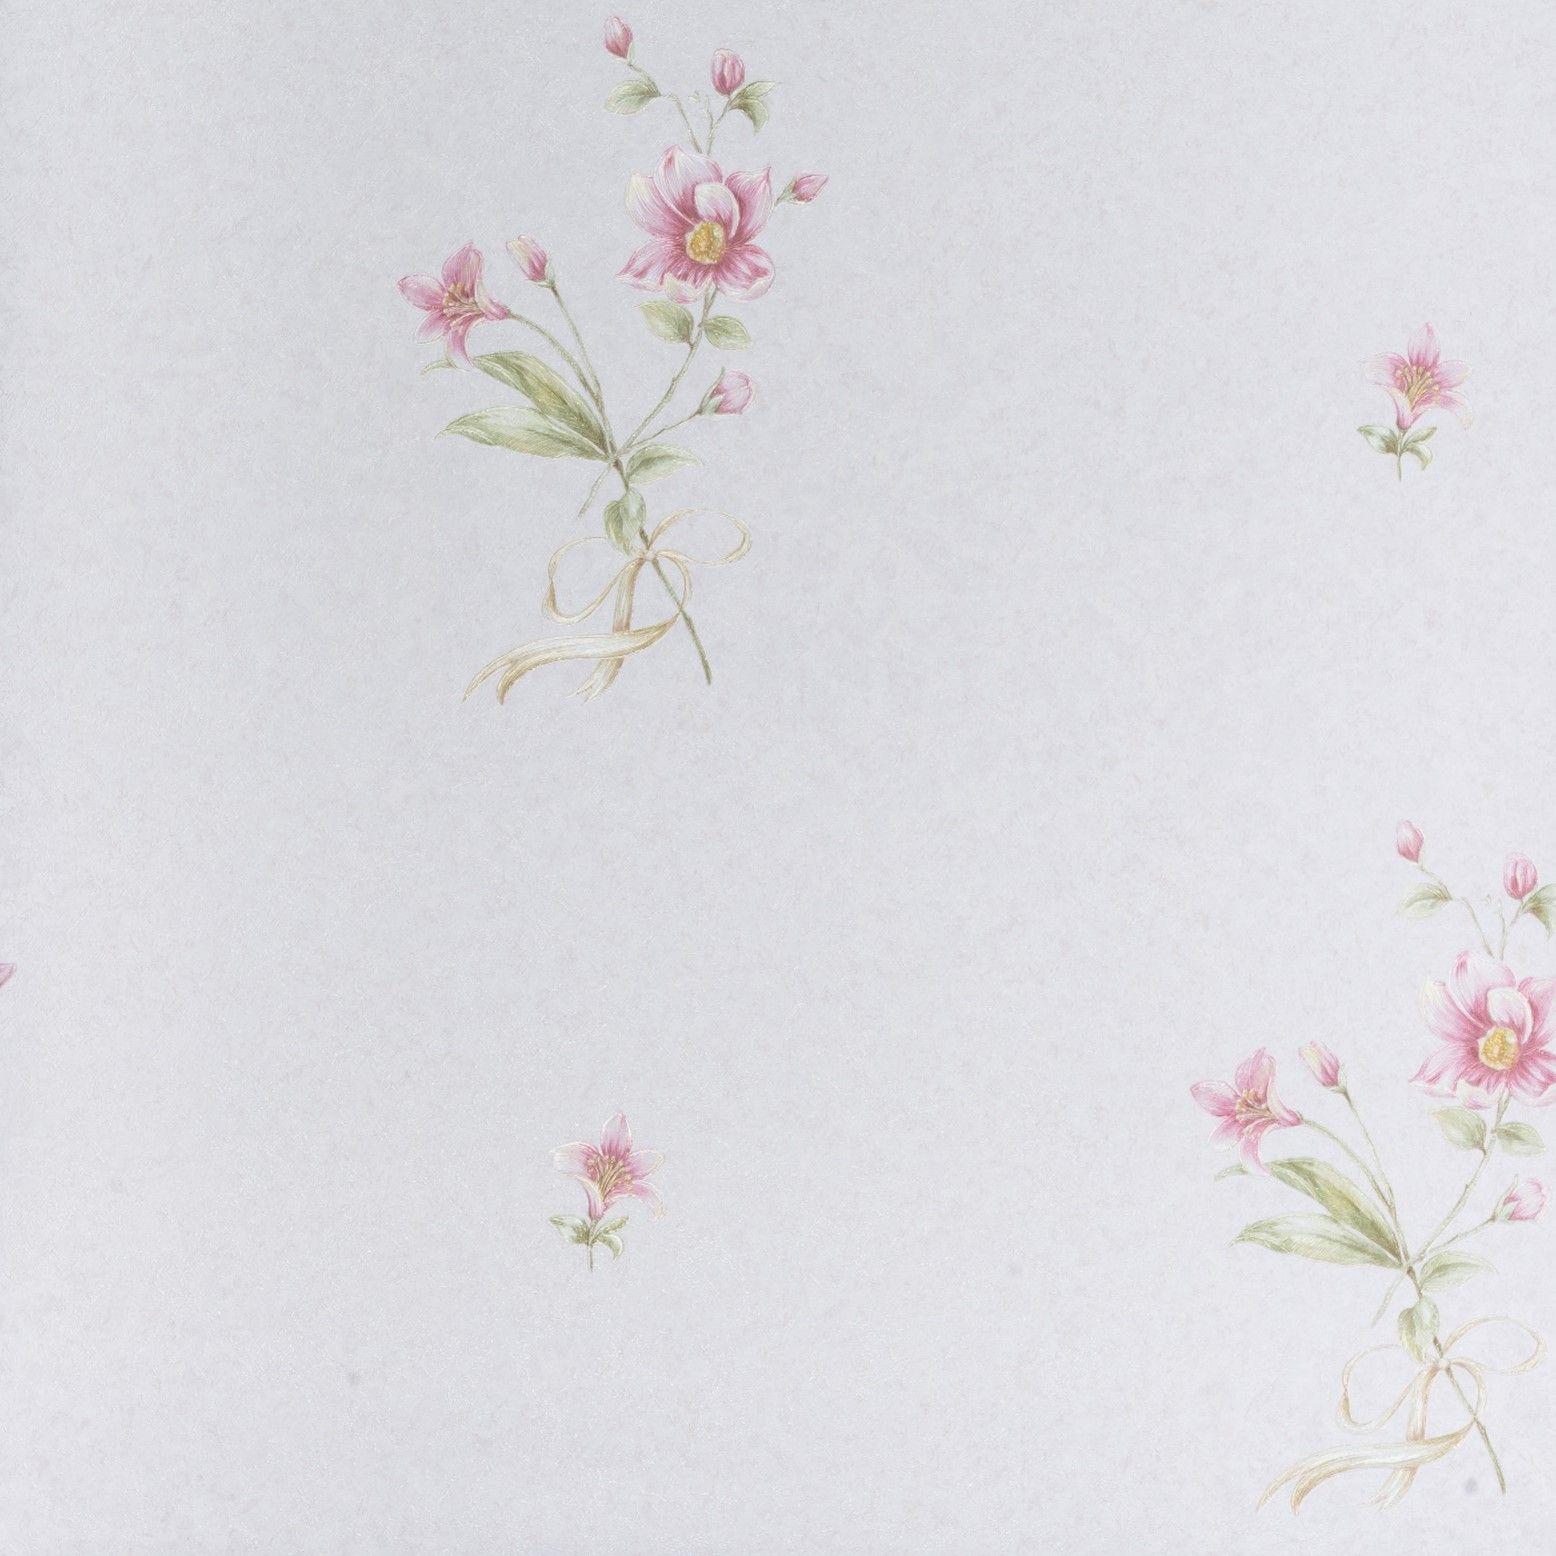 Papel de Parede Paris Decor Vinílico Coleção Chamonix Floral Flores Discretas